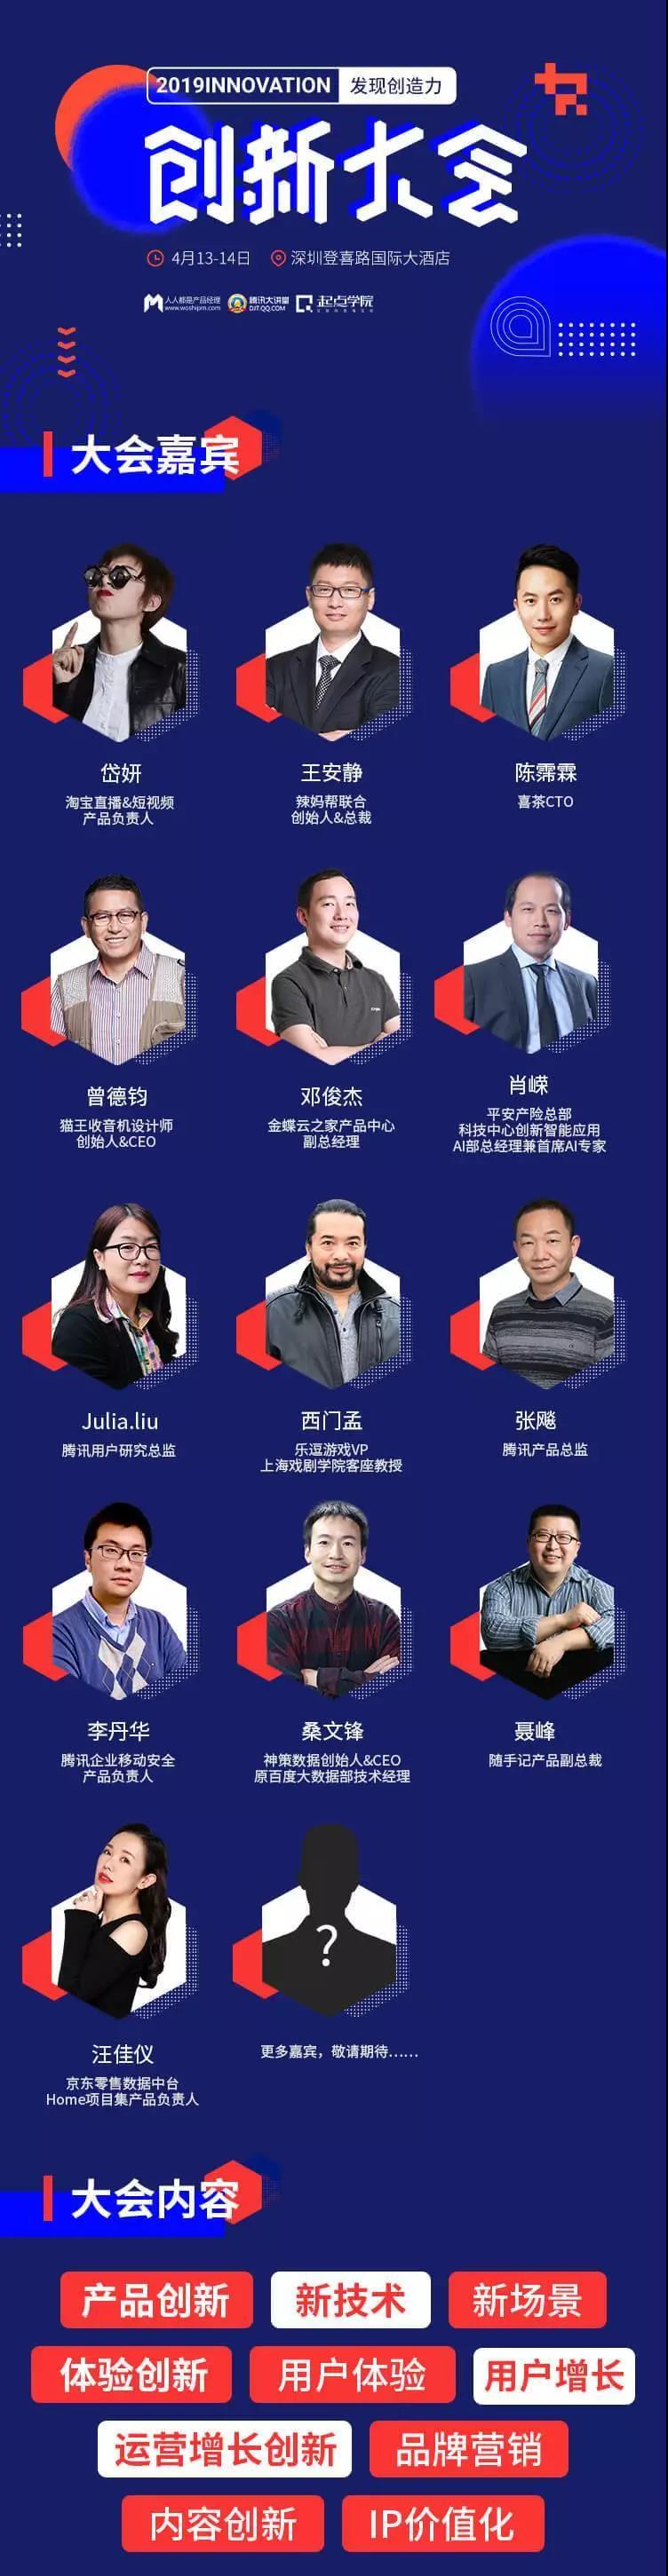 WeChat Image_20190328181615.jpg